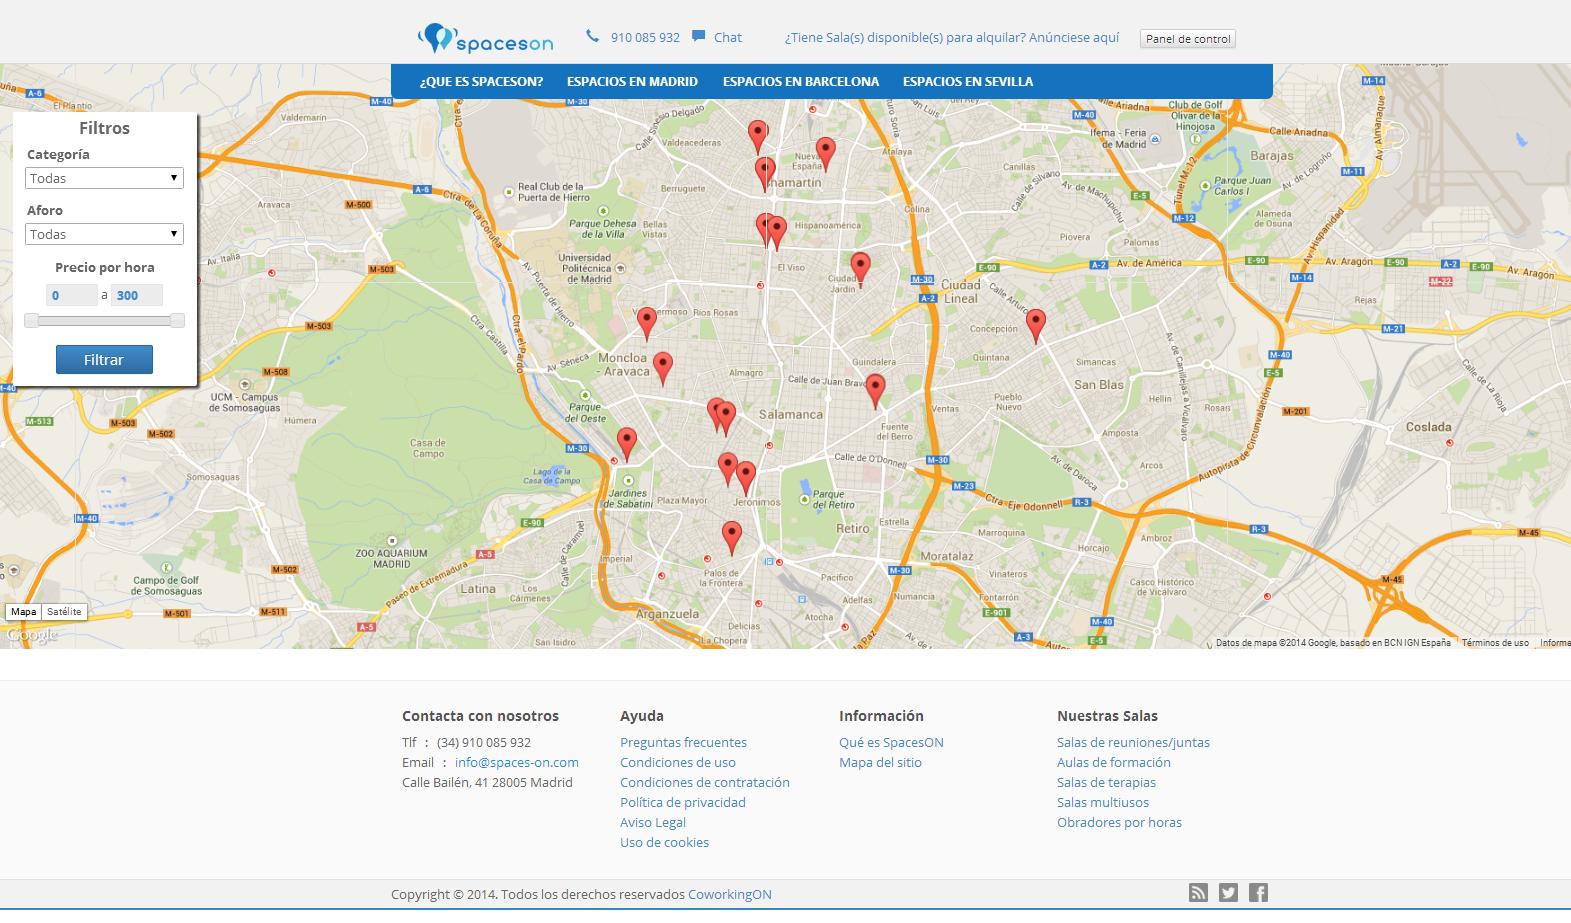 2014-07-14 11_55_39-Encuentra y Reserva los mejores Espacios en Madrid - SpacesON